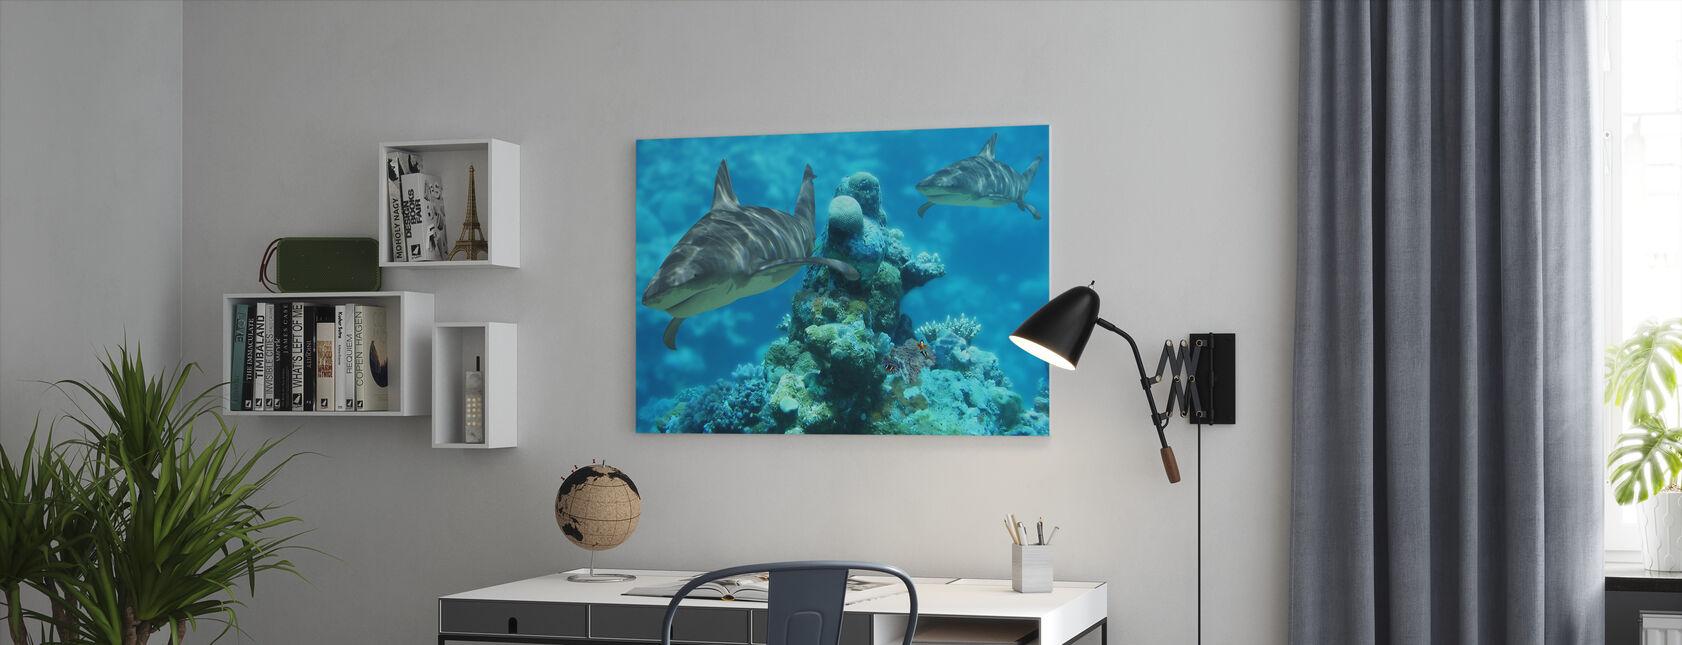 Shark bommie - Lerretsbilde - Kontor